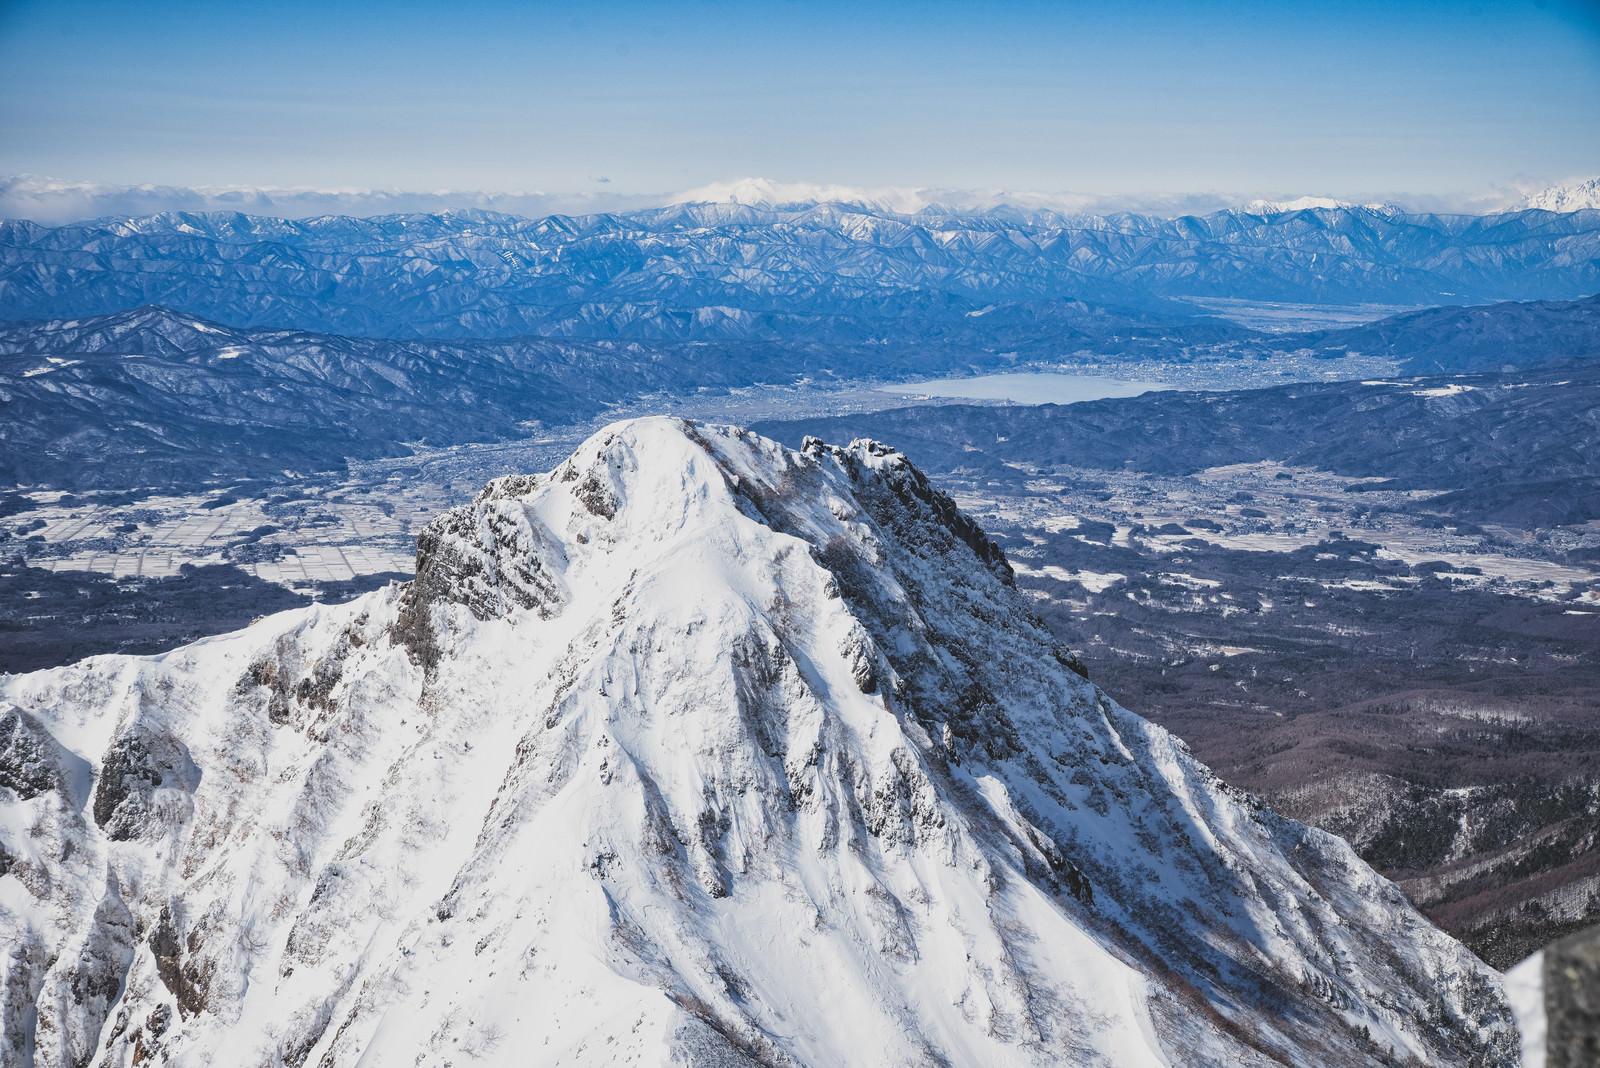 「阿弥陀岳の遥か先に見る諏訪湖」の写真